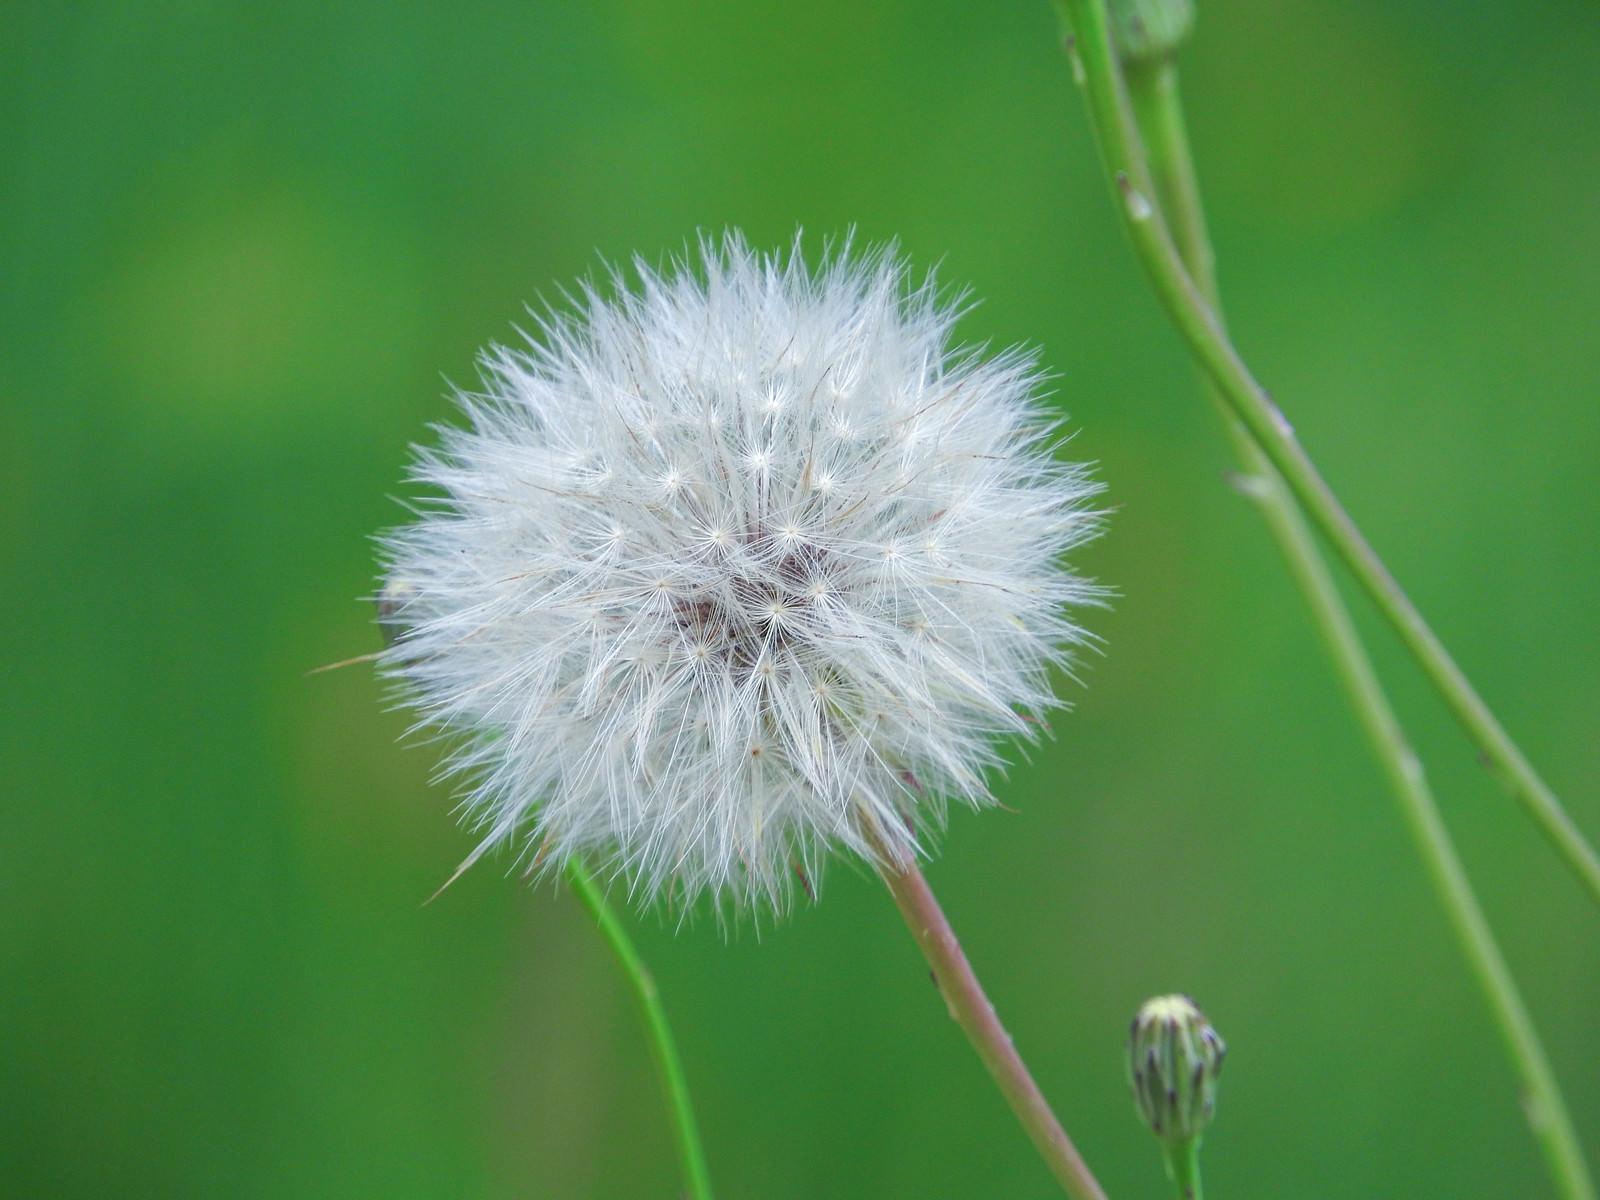 「たんぽぽの綿毛」の写真